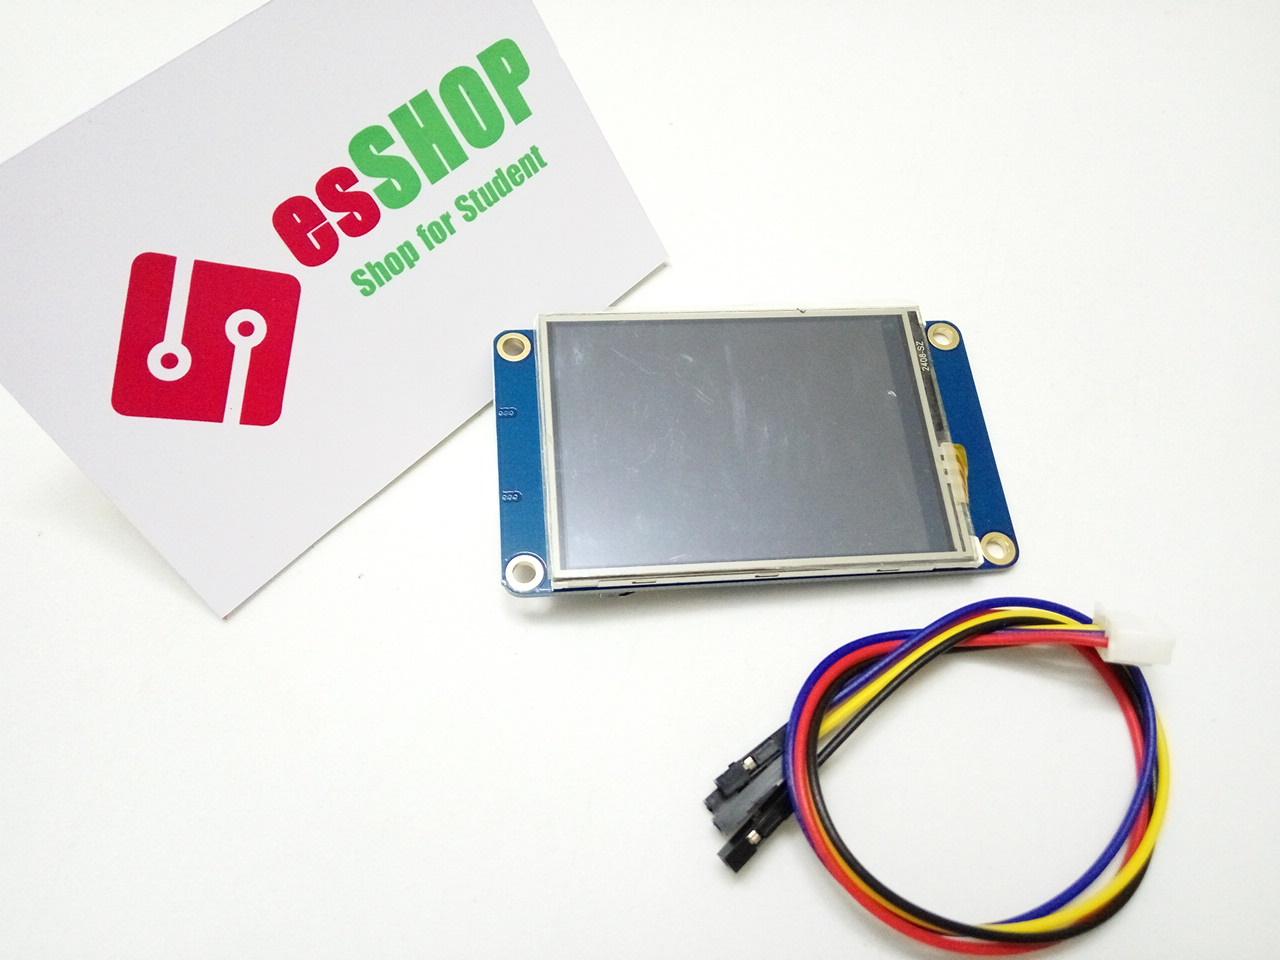 Z3350B114 - Màn Hình HMI UART Cảm Ứng Nextion (TJC) 2.4 Inch